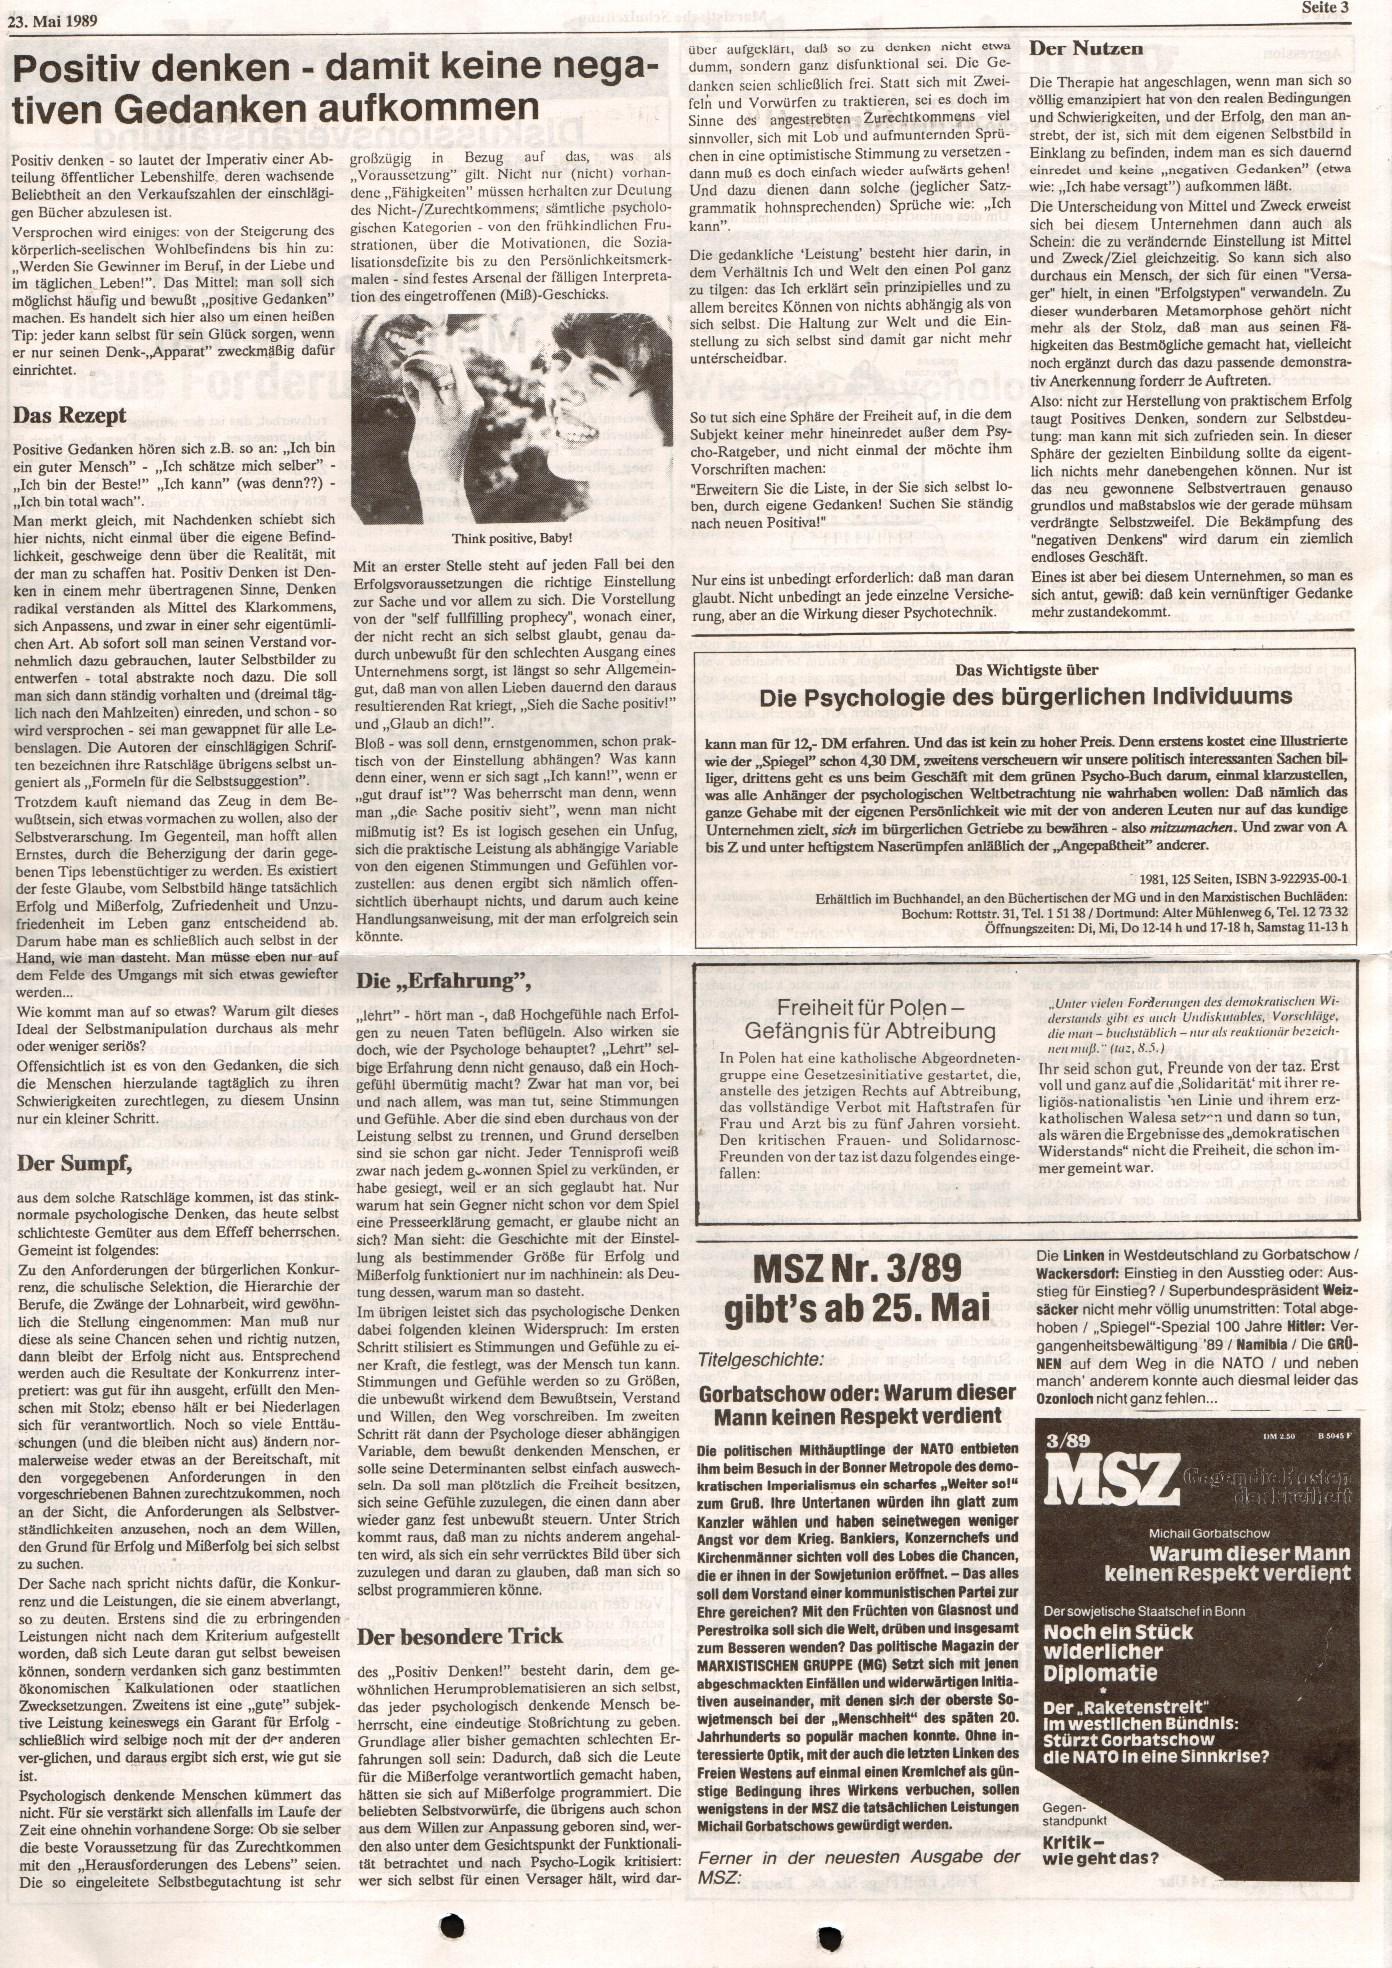 Ruhrgebiet_MG_Marxistische_Schulzeitung_19890523_03